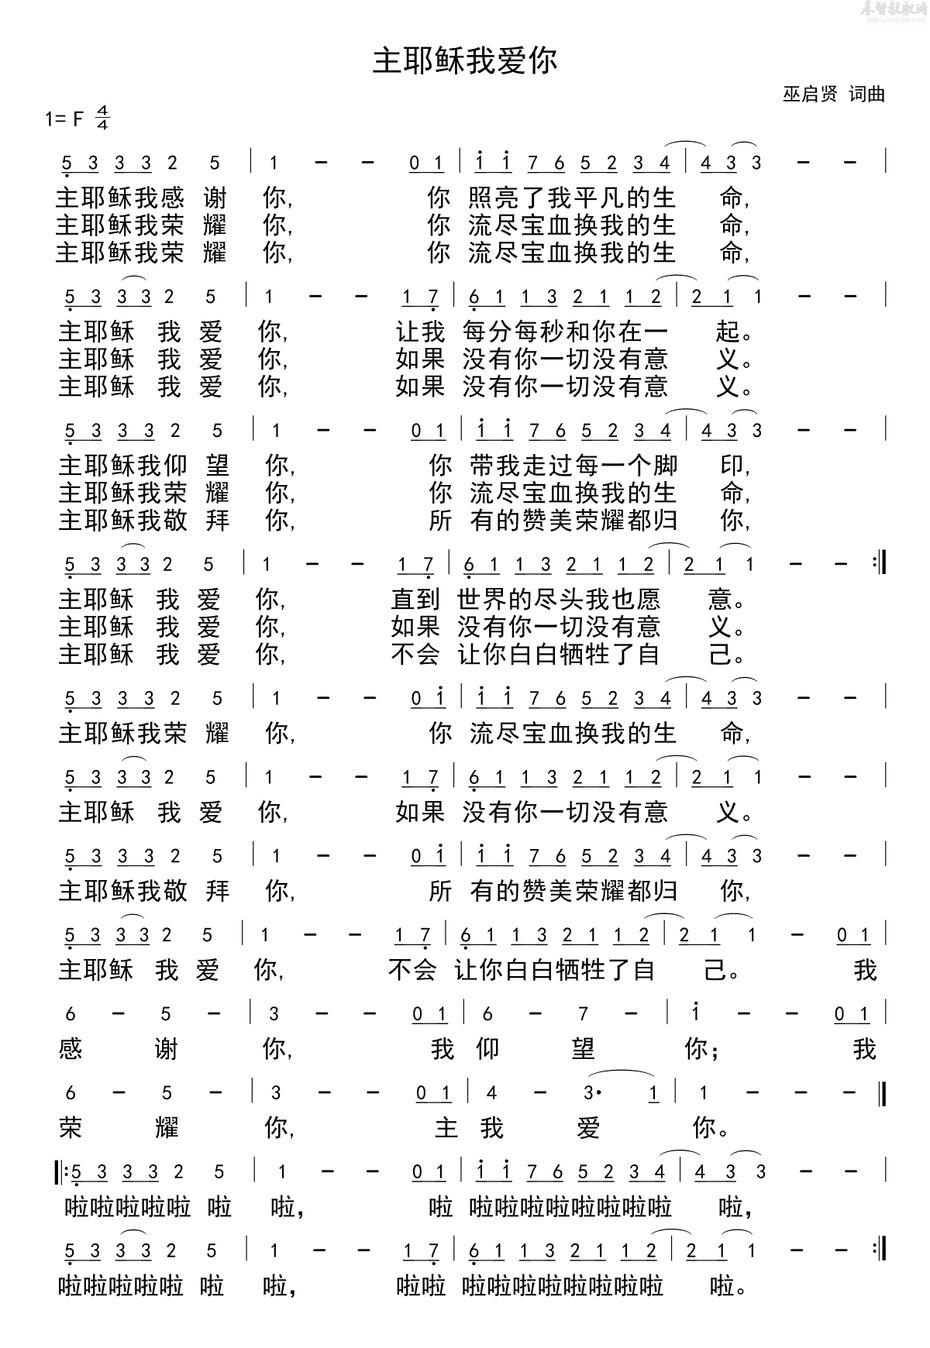 天主教歌谱-wangzi的博客-搜狐博客